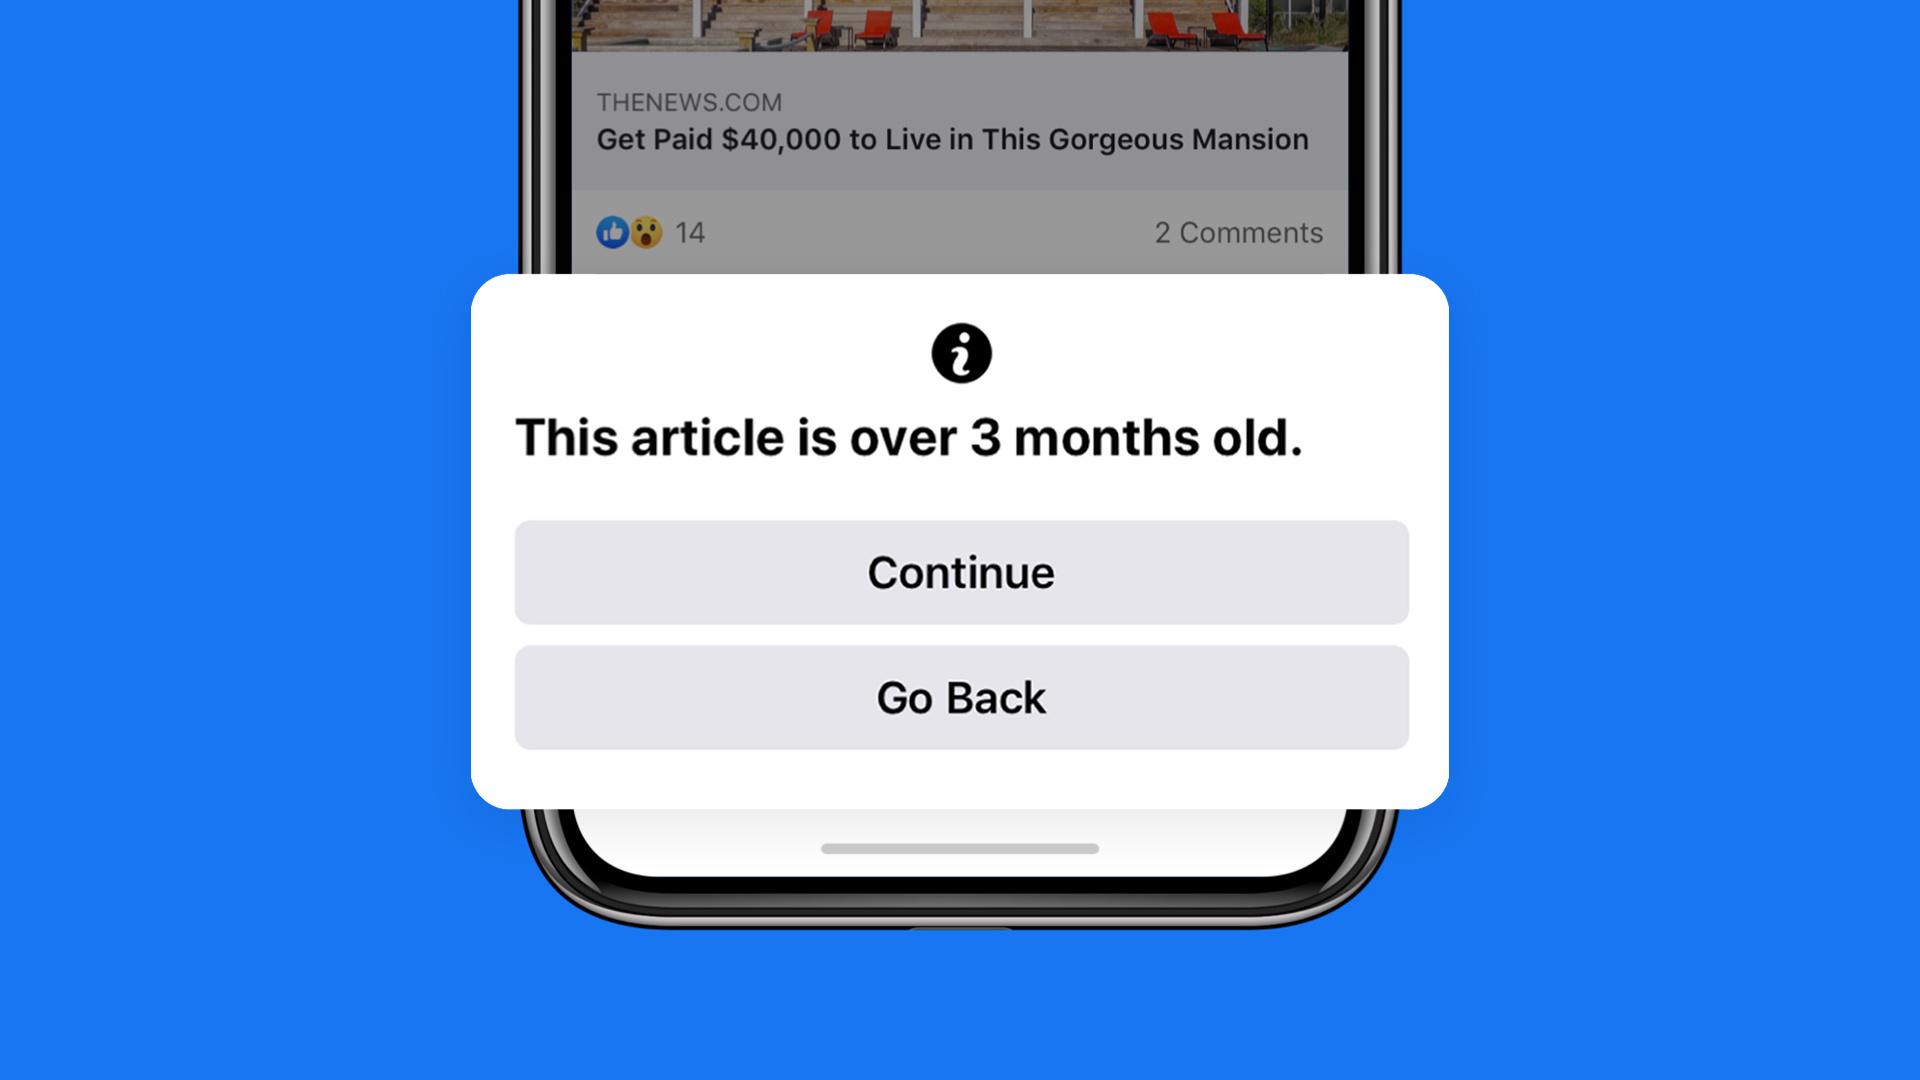 فيس بوك توفر ميزة جديدة لتنظيم مشاركة الأخبار القديمة عبر المنصة - Facebook